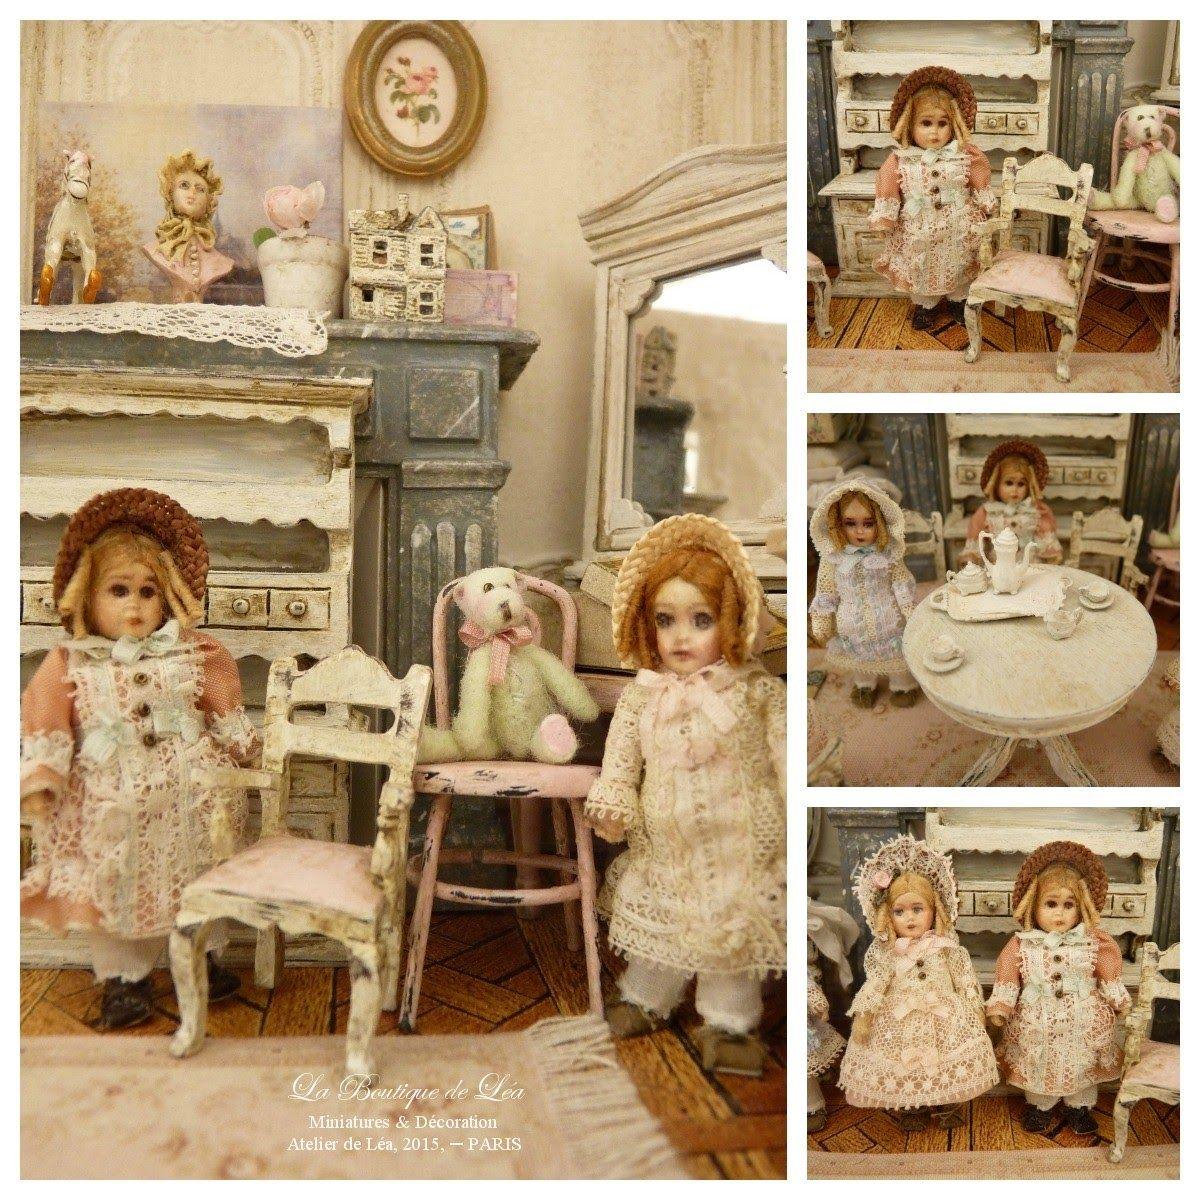 *♥ Atelier de Léa - Un Jour à la Campagne ♥*: Le thé des poupées